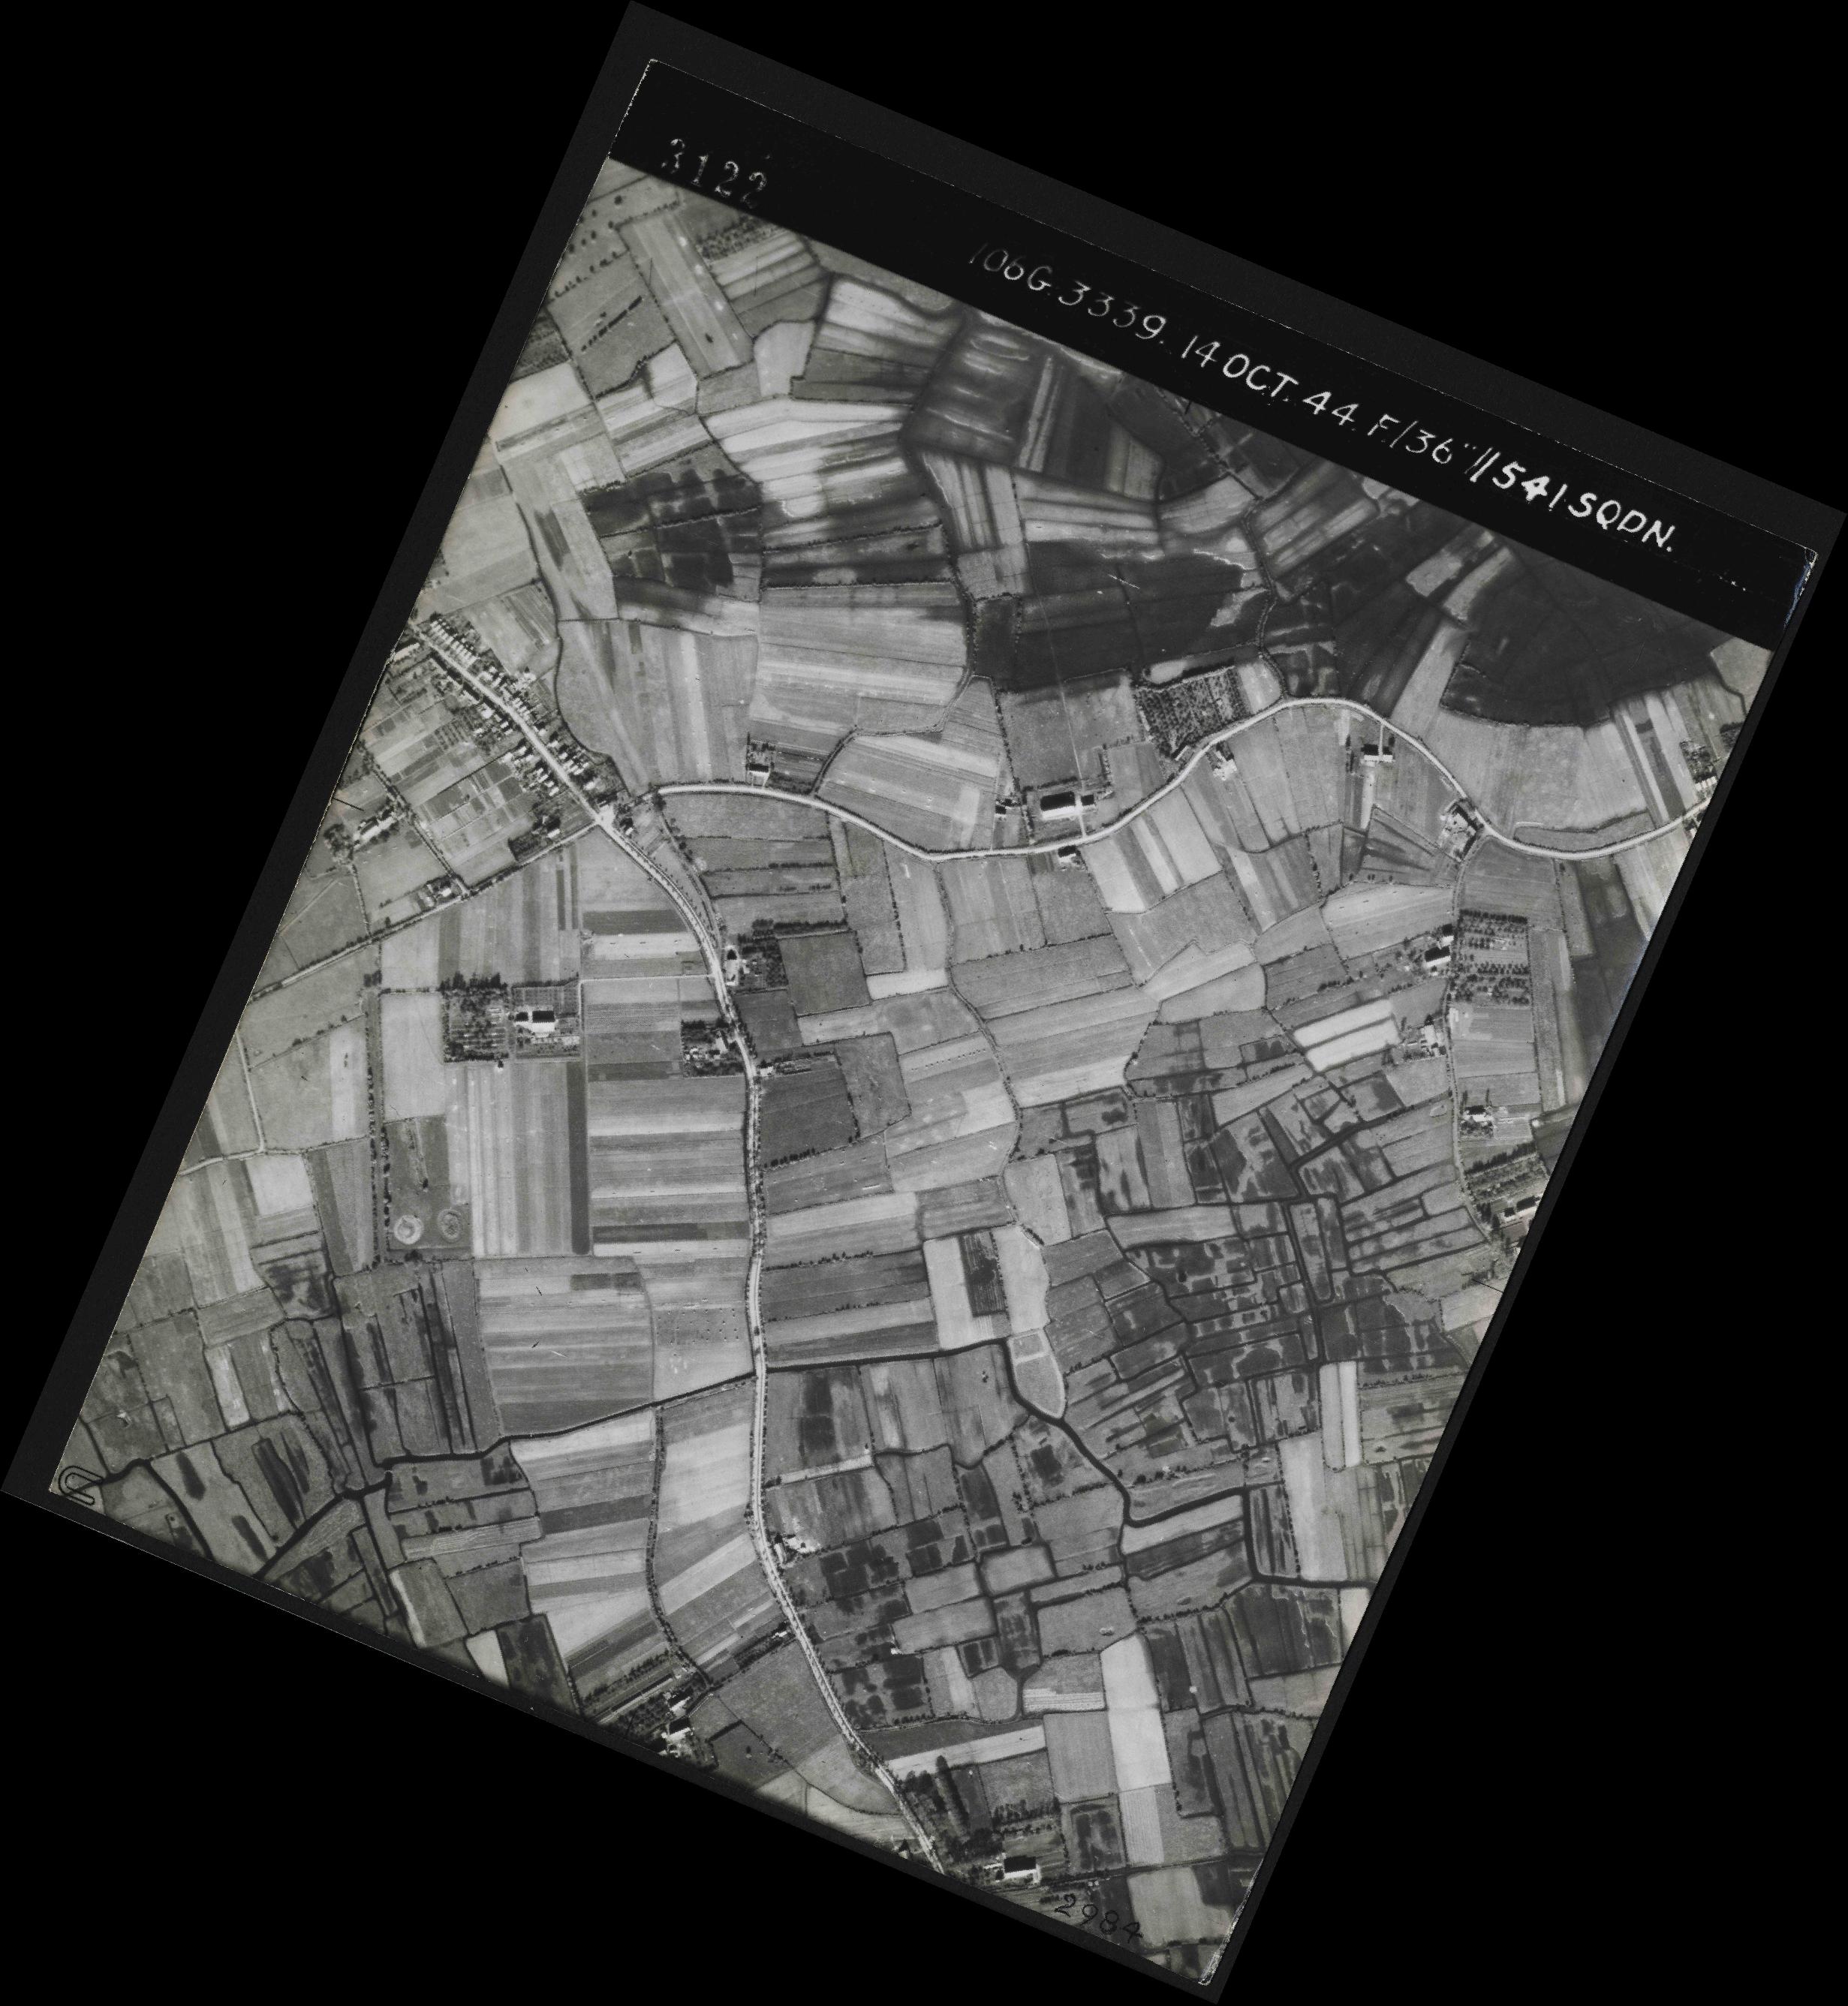 Collection RAF aerial photos 1940-1945 - flight 042, run 04, photo 3122